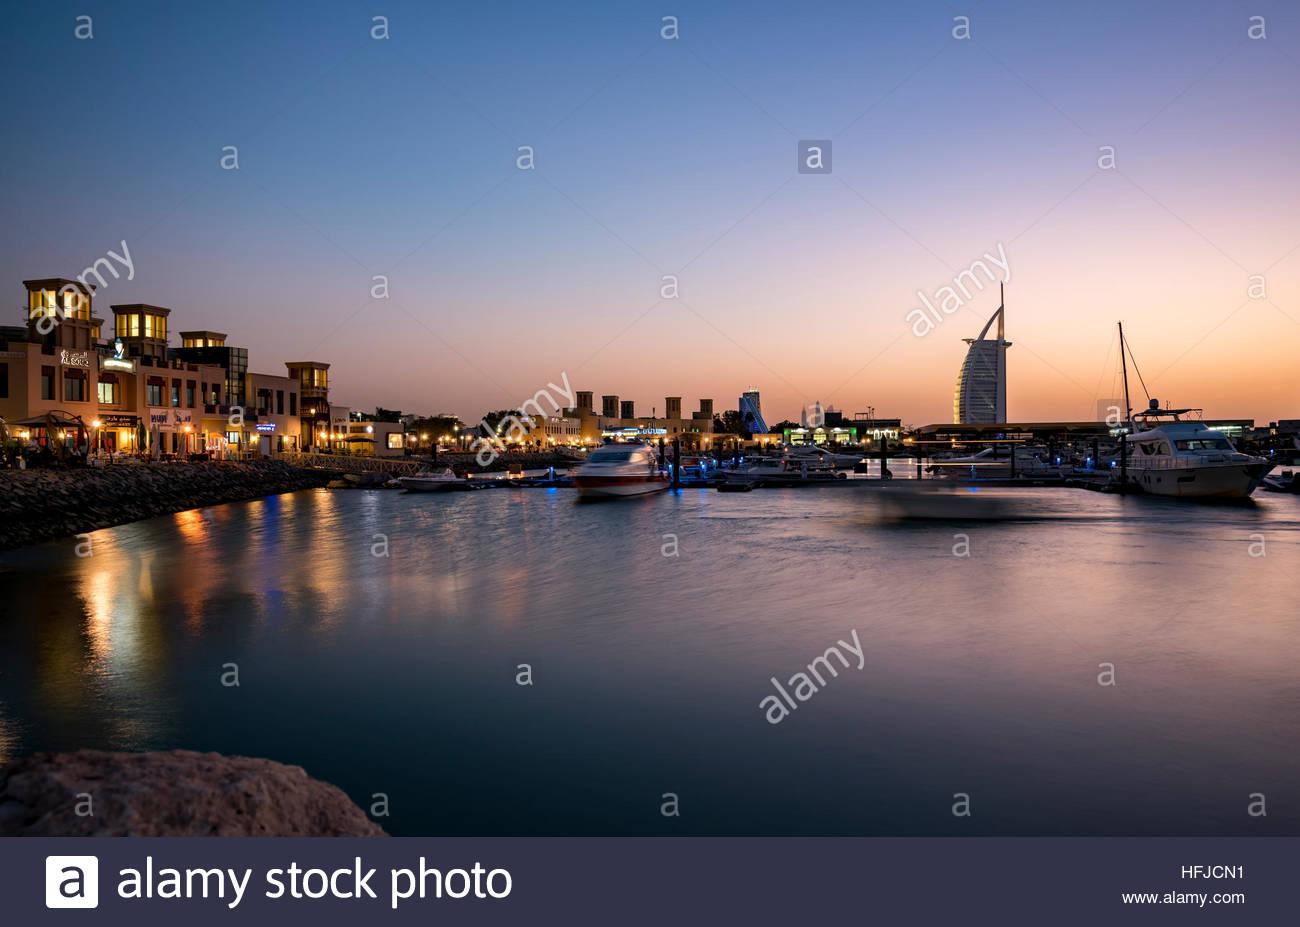 Vista di 'Al Souq', porto di pescatori, Dubai. Foto scattata durante un tramonto con cielo chiaro (non nuvole) Immagini Stock